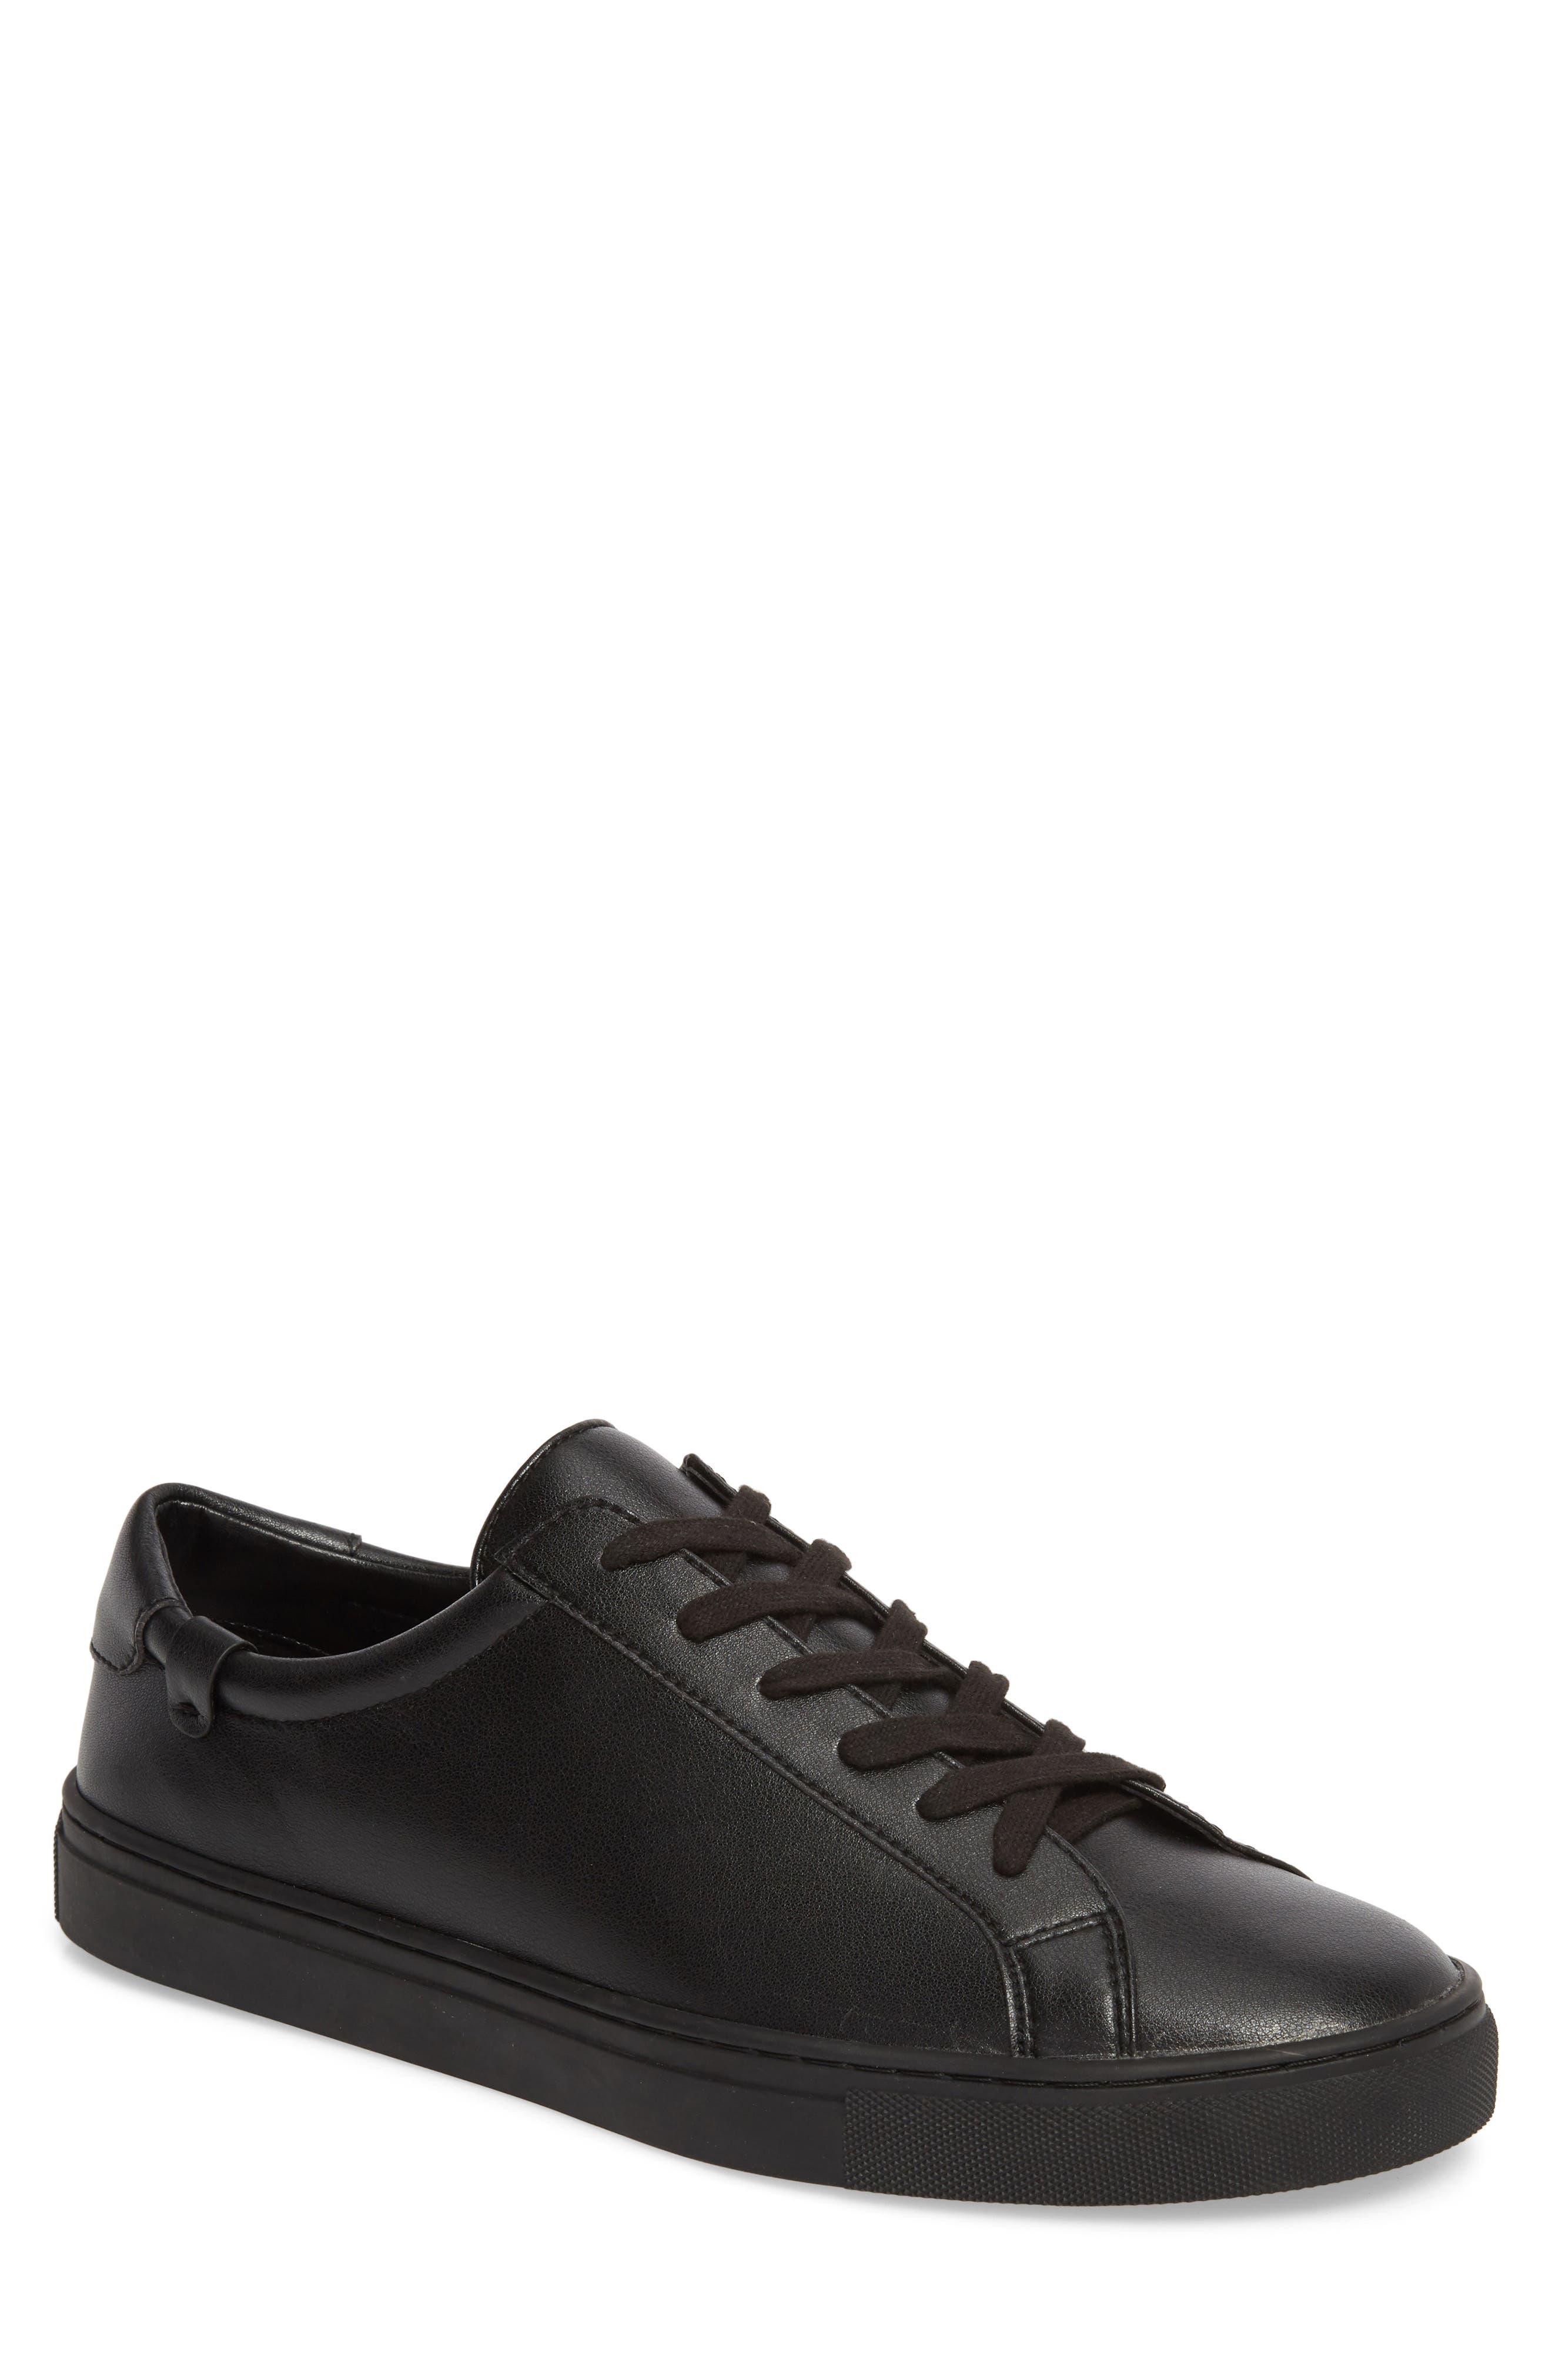 Original Low Top Sneaker,                             Main thumbnail 1, color,                             BLACK / BLACK